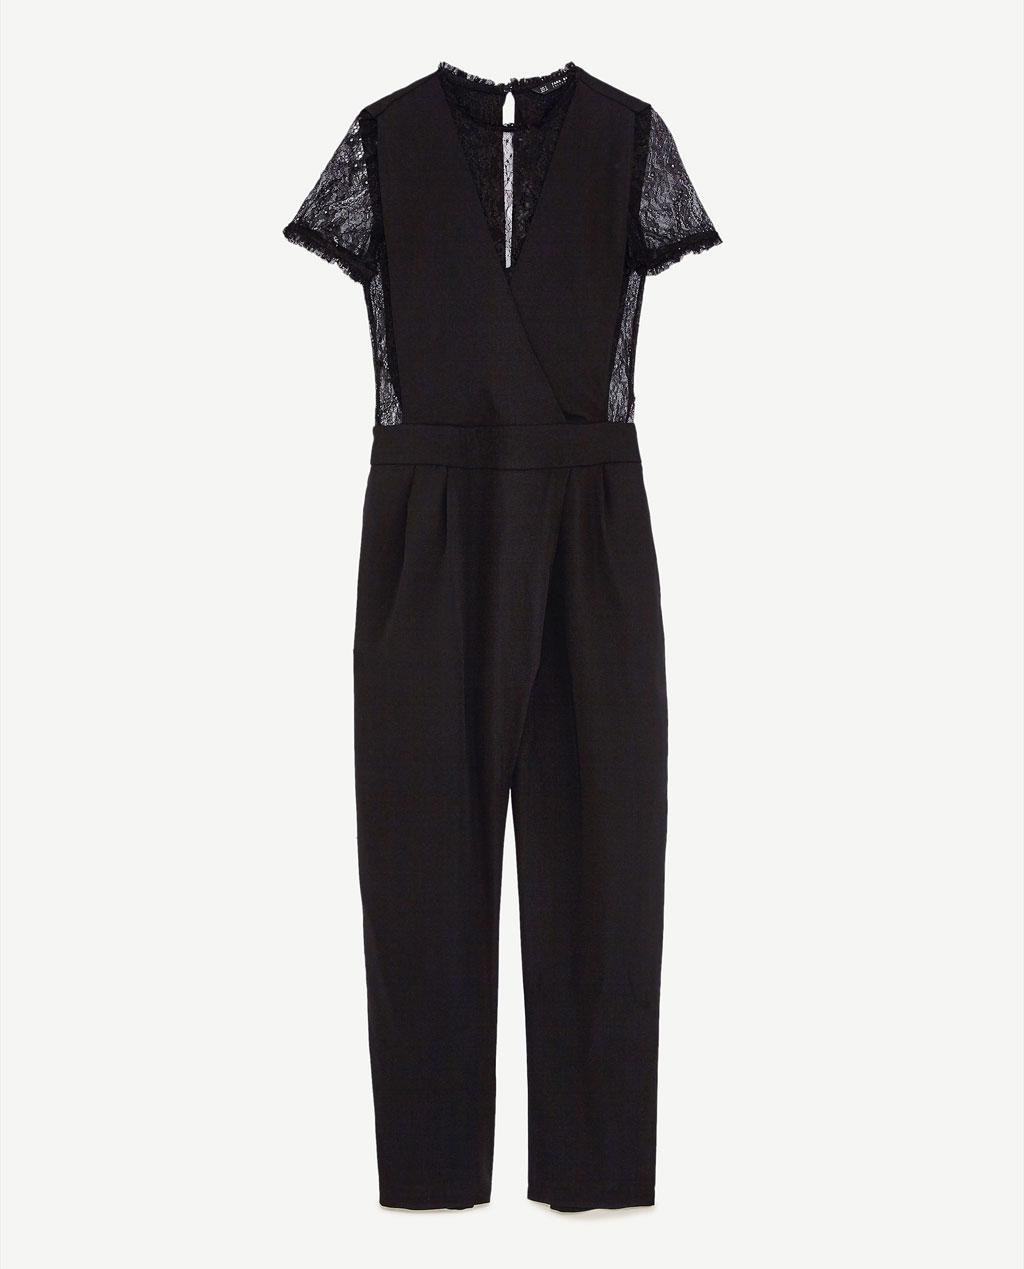 combinaison pantalon en dentelle noire zara chic et. Black Bedroom Furniture Sets. Home Design Ideas